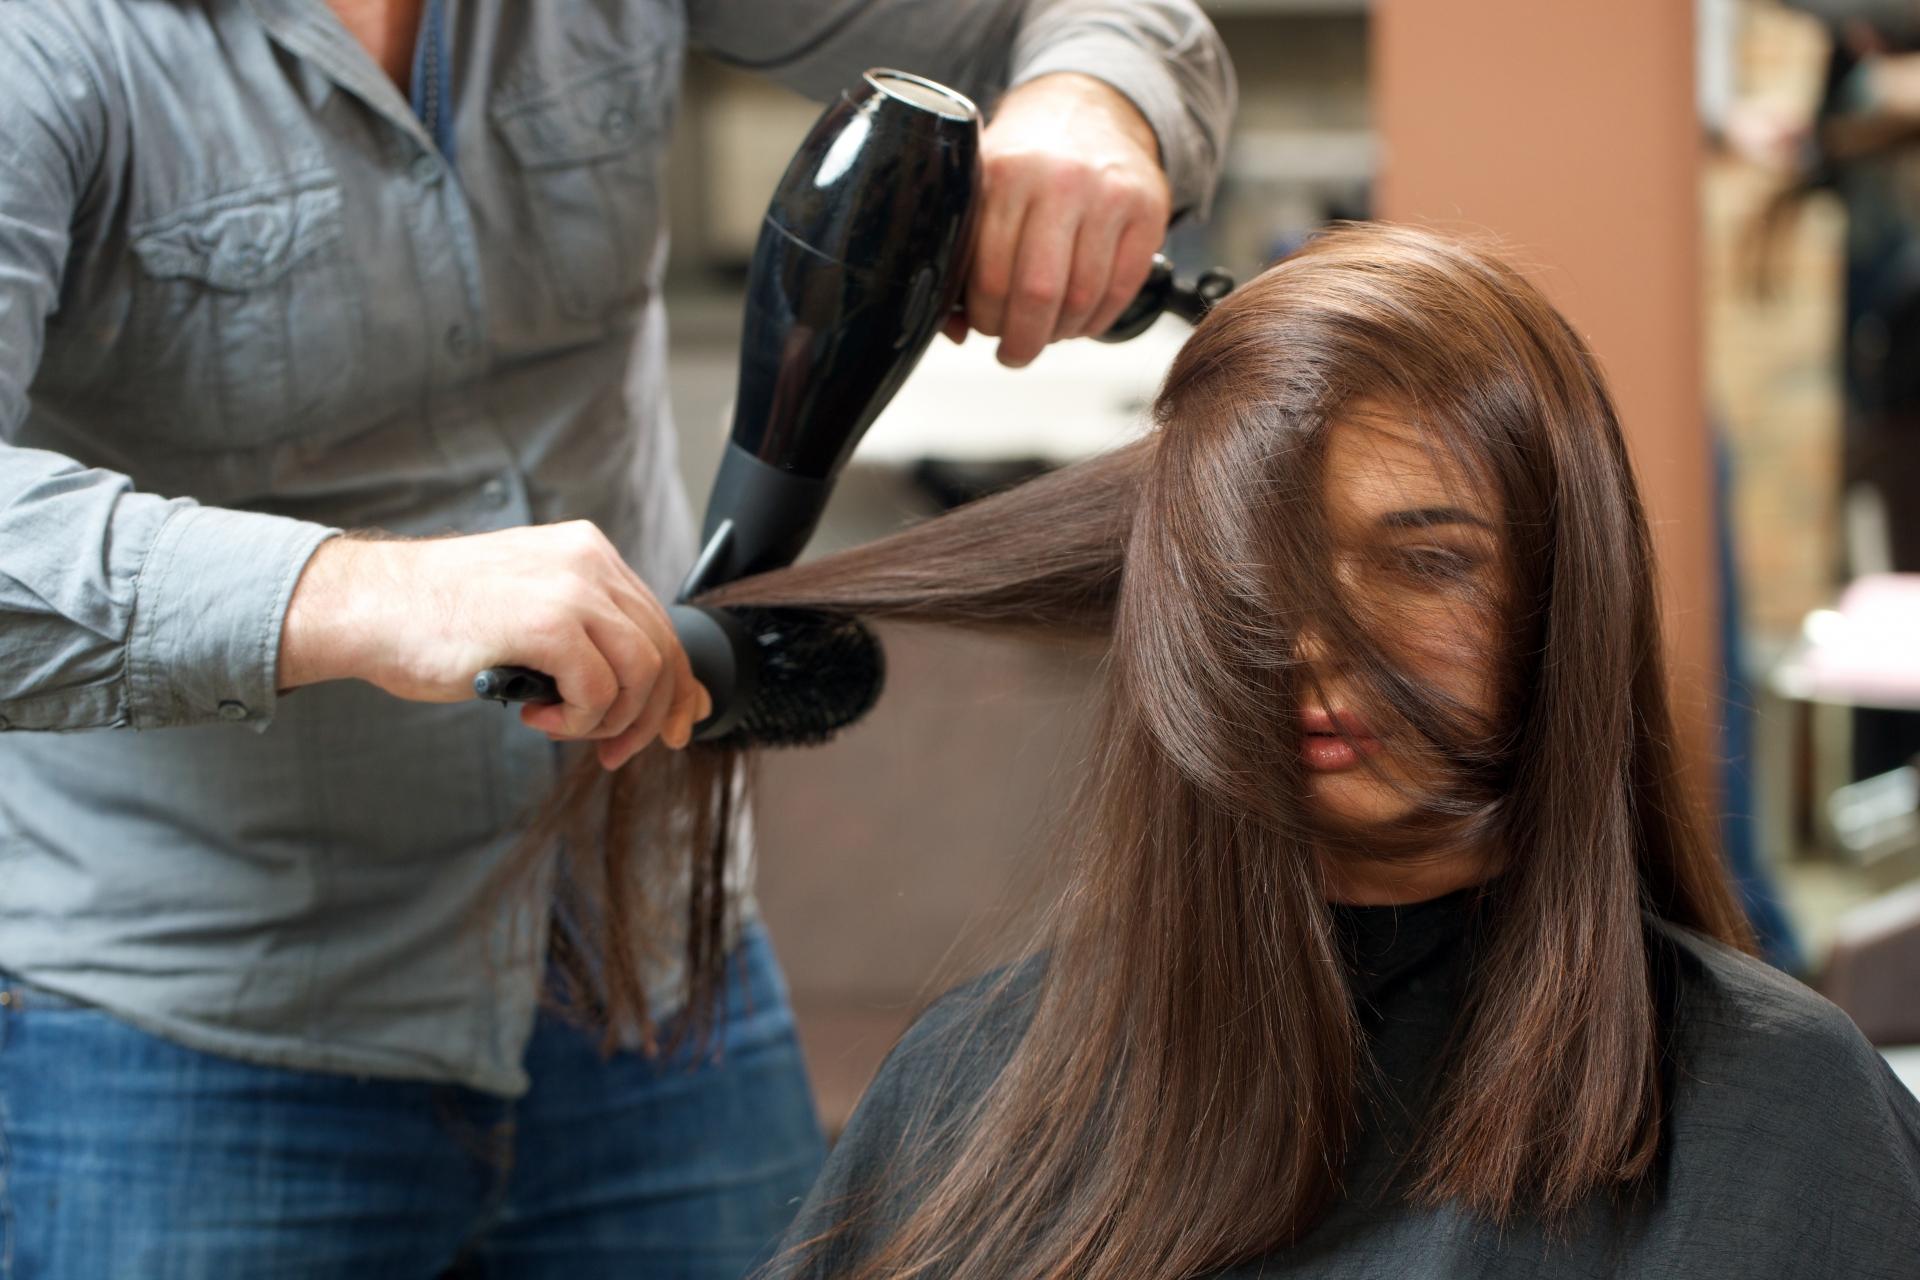 彼女が美容師の男性に髪を触られるのは嫌だ!そんな男性心理とは